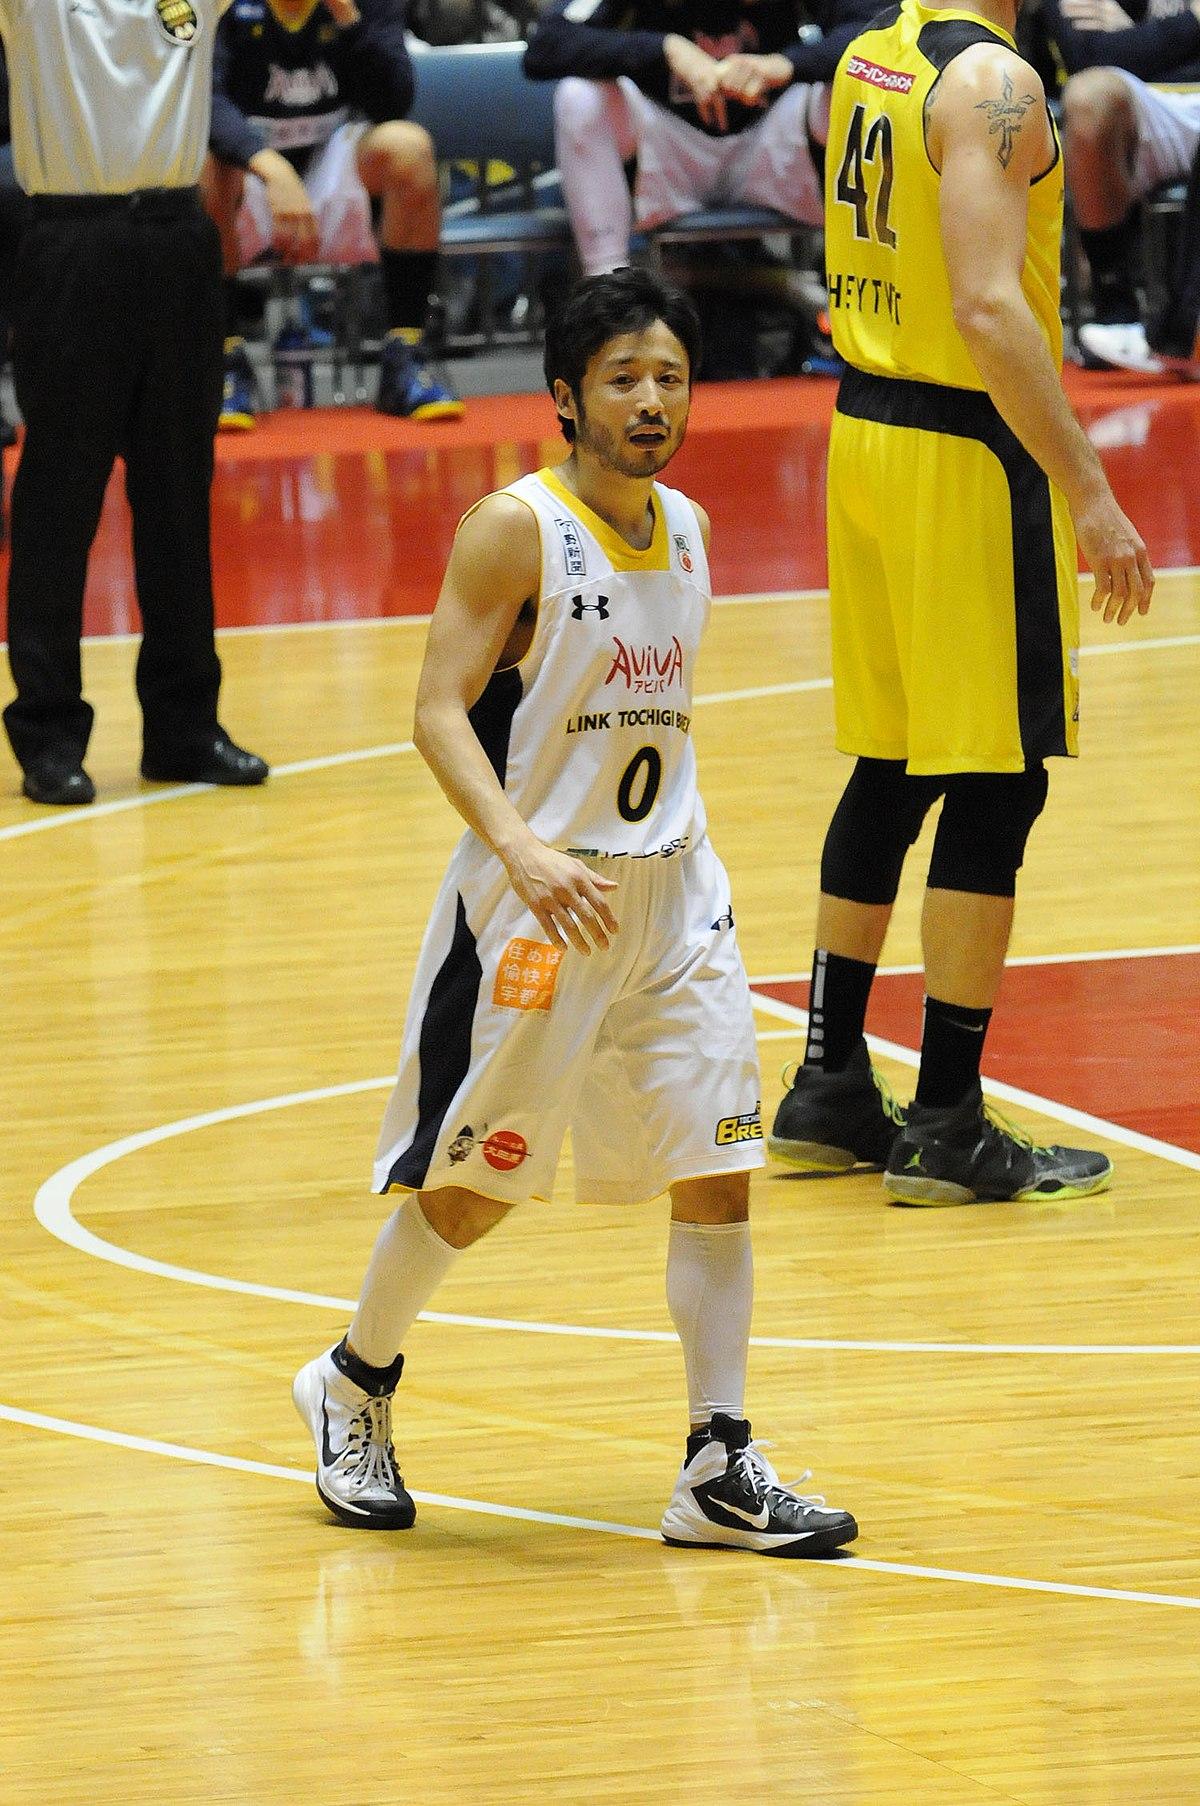 田臥勇太 - Wikipedia